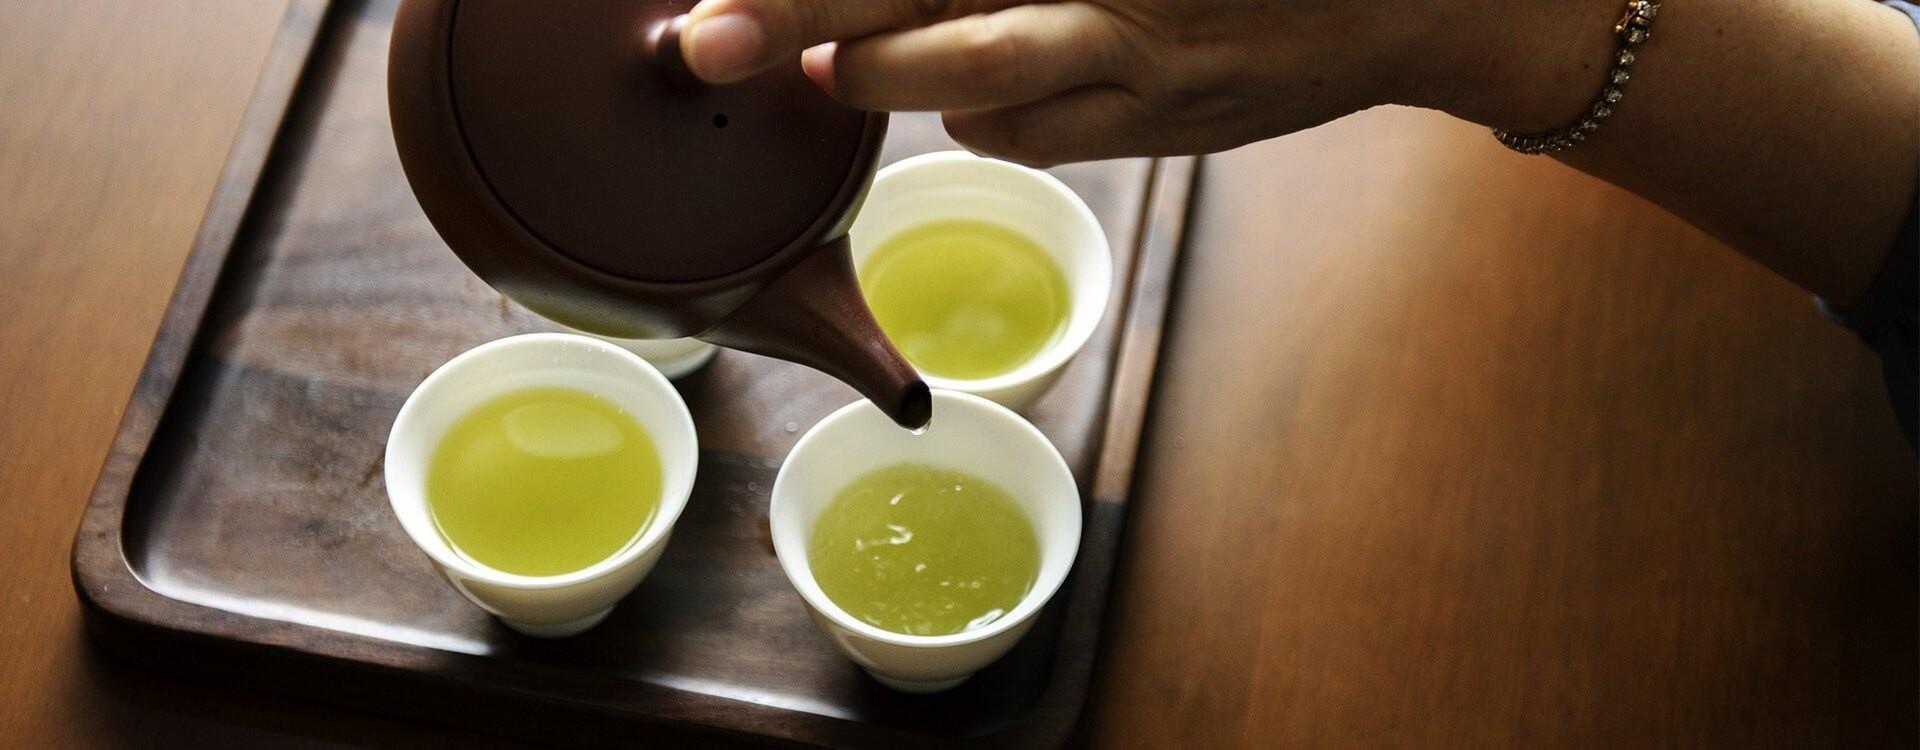 Zeleným čajom proti vážnym chorobám